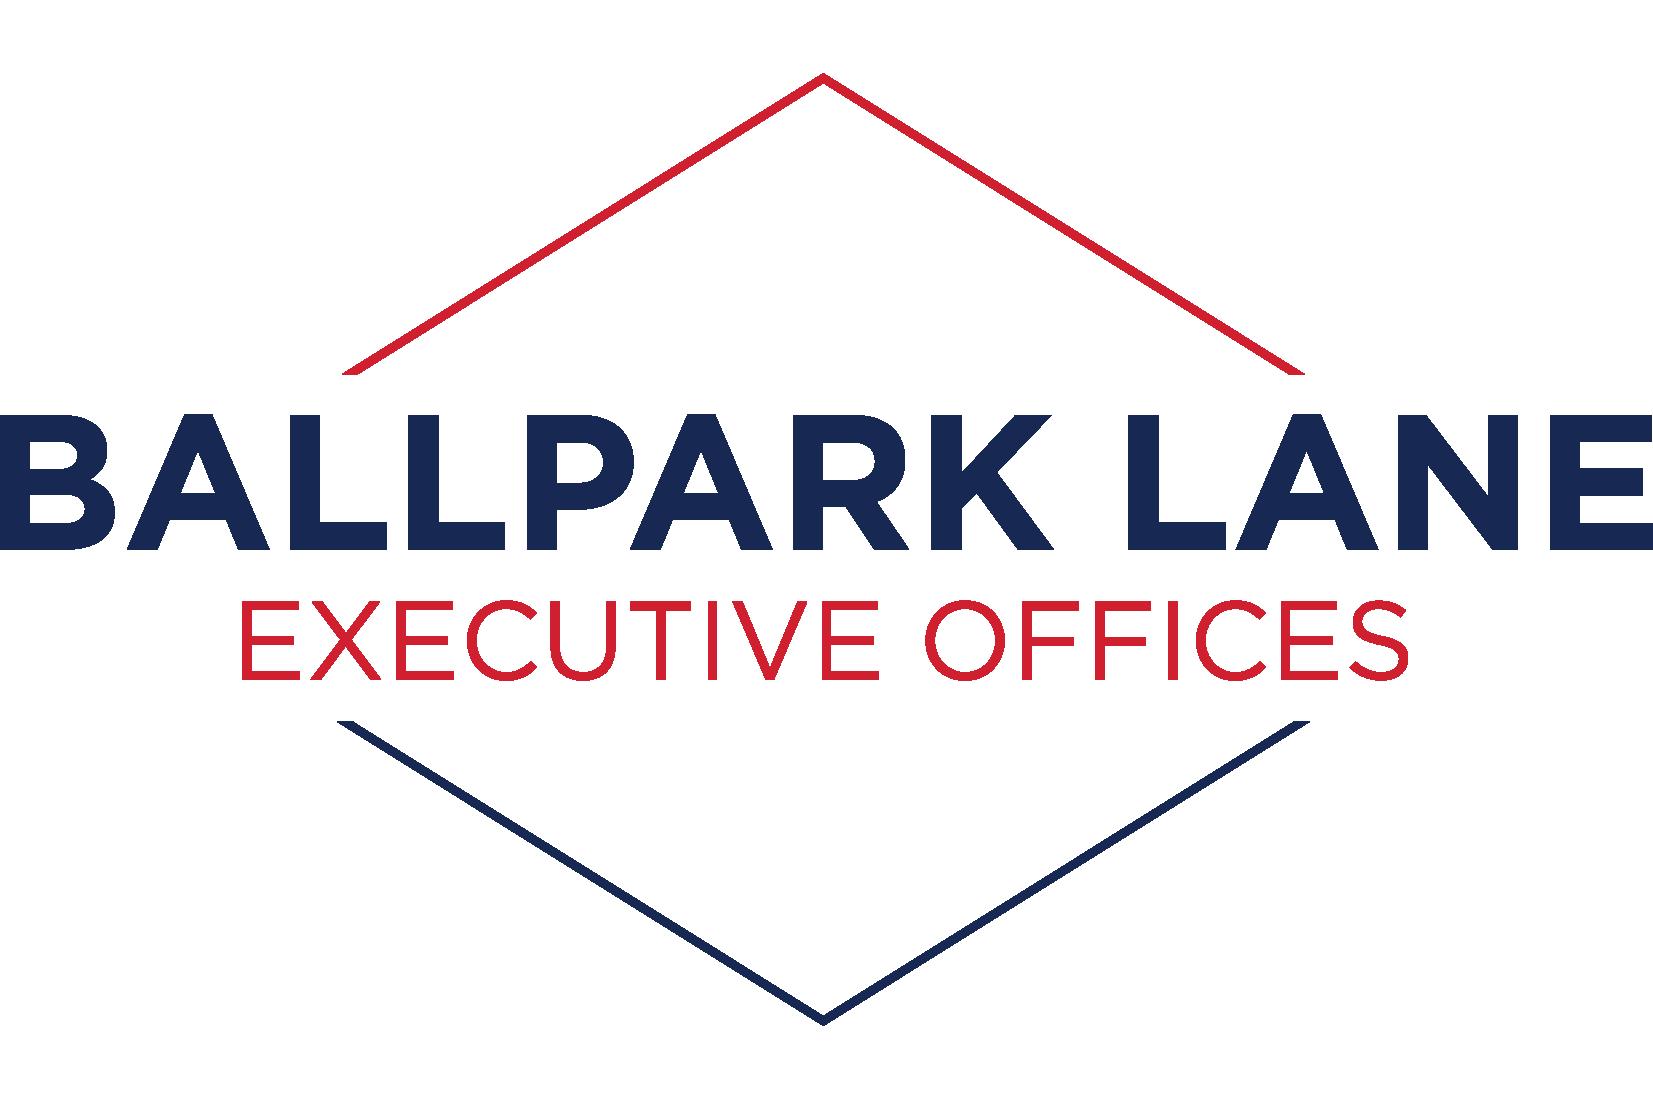 Ballpark Lane Executive Offices